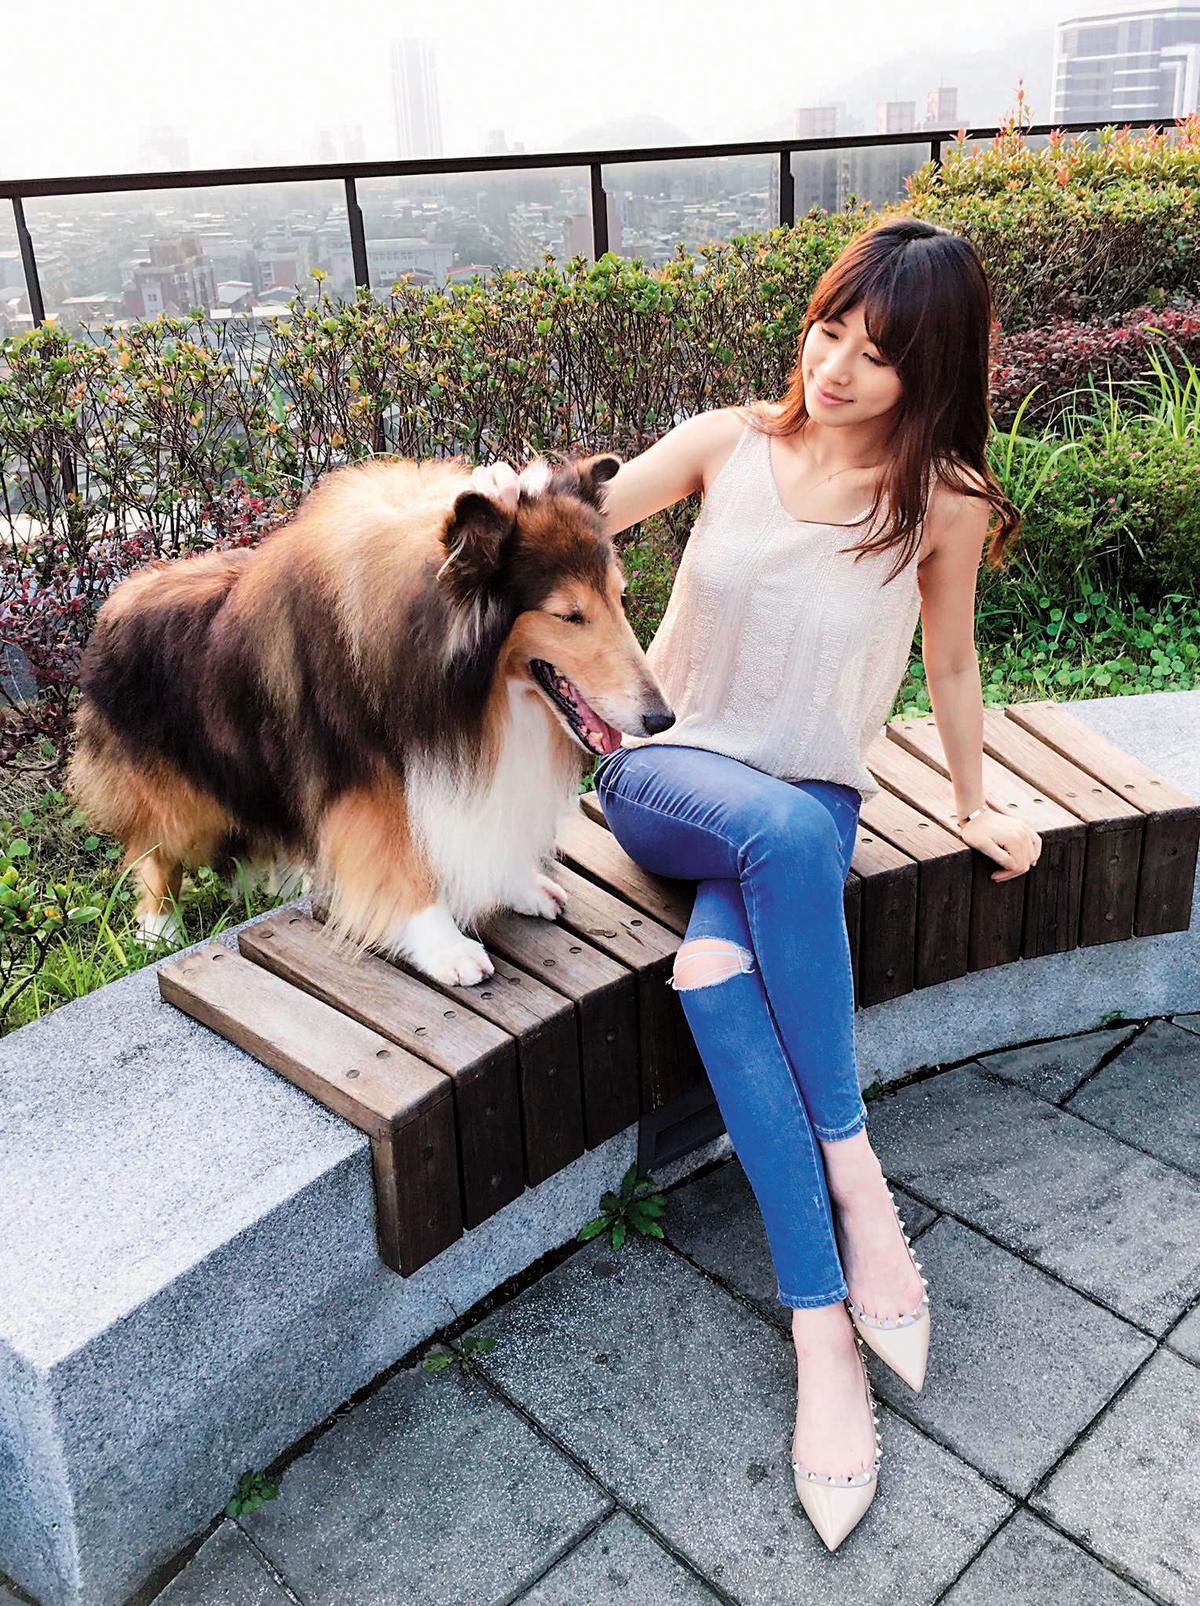 之前趙岱新接受本刊專訪時,說自己對動物相當有愛,是個愛狗人士。